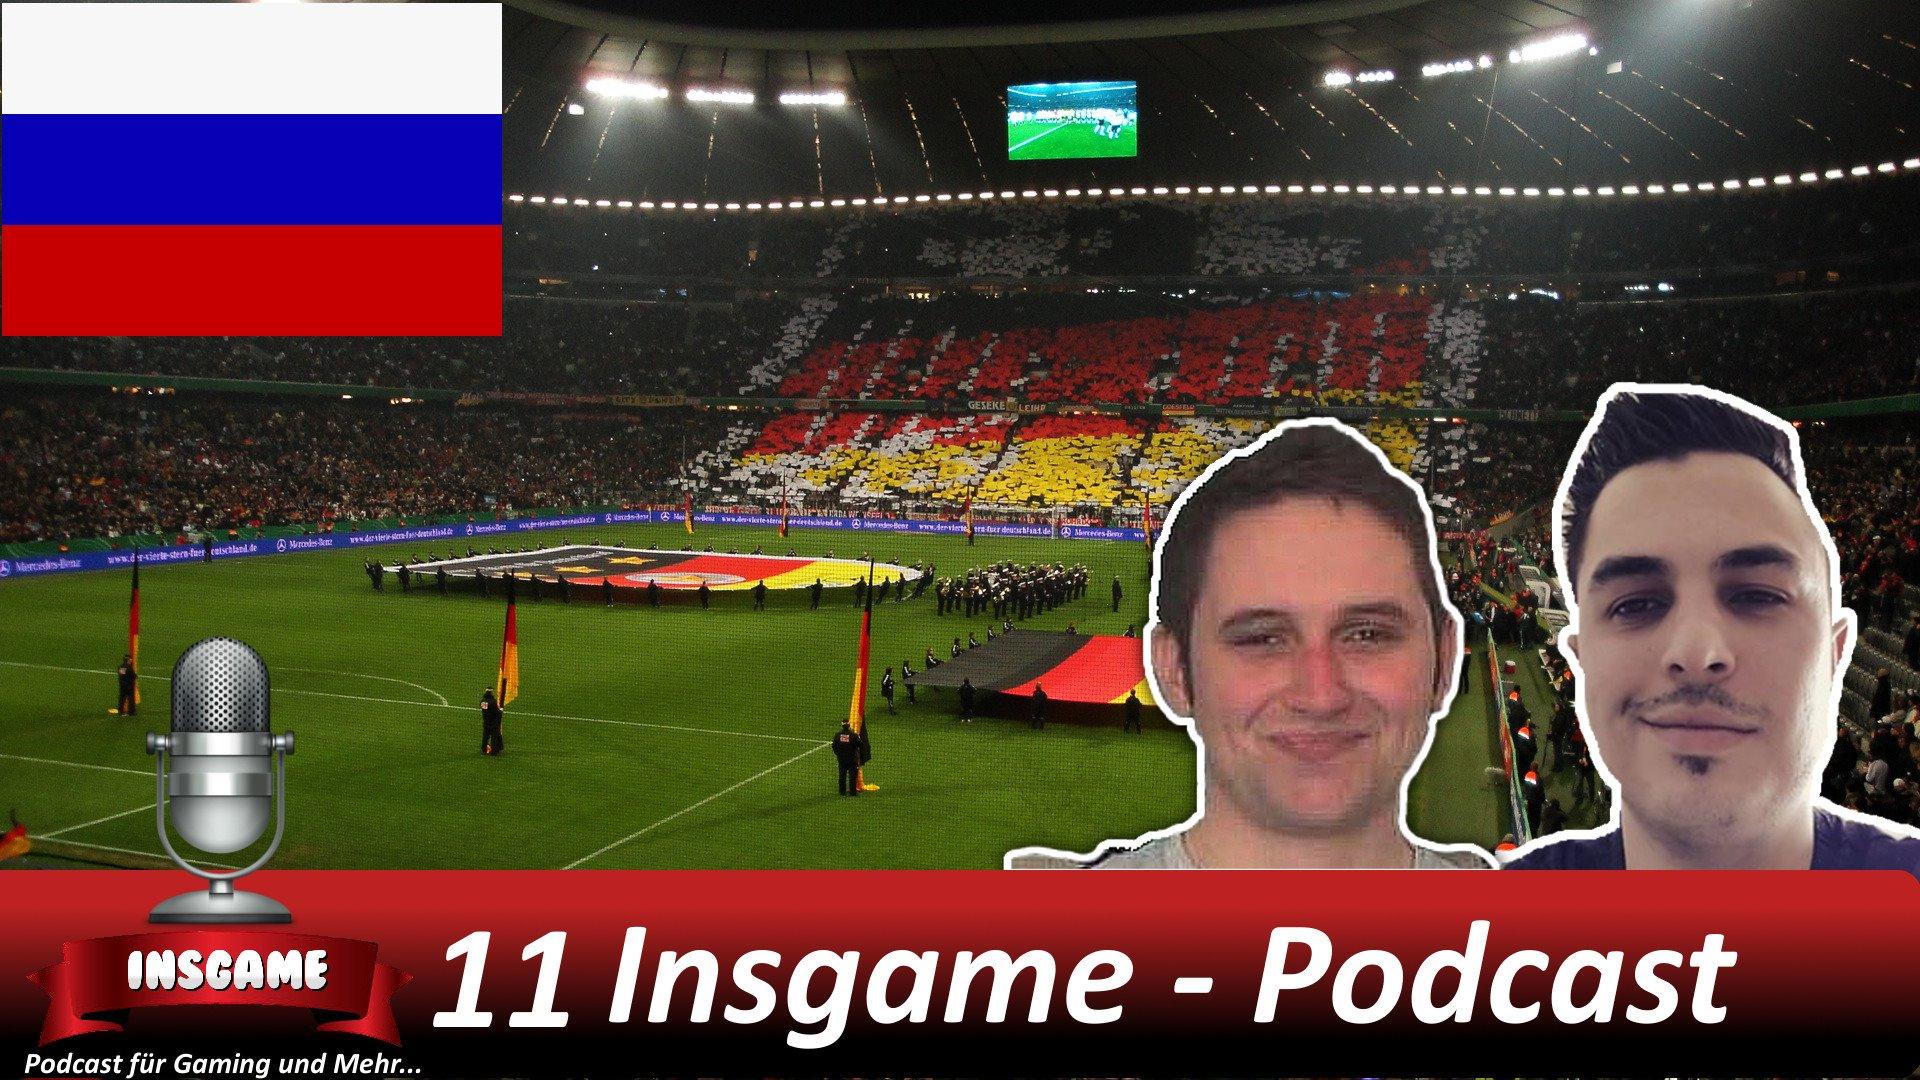 Insgame Podcast #011 Sonderausgabe Fußball WM 2018 FrittenFriseur LomDomSilver TerrorLP